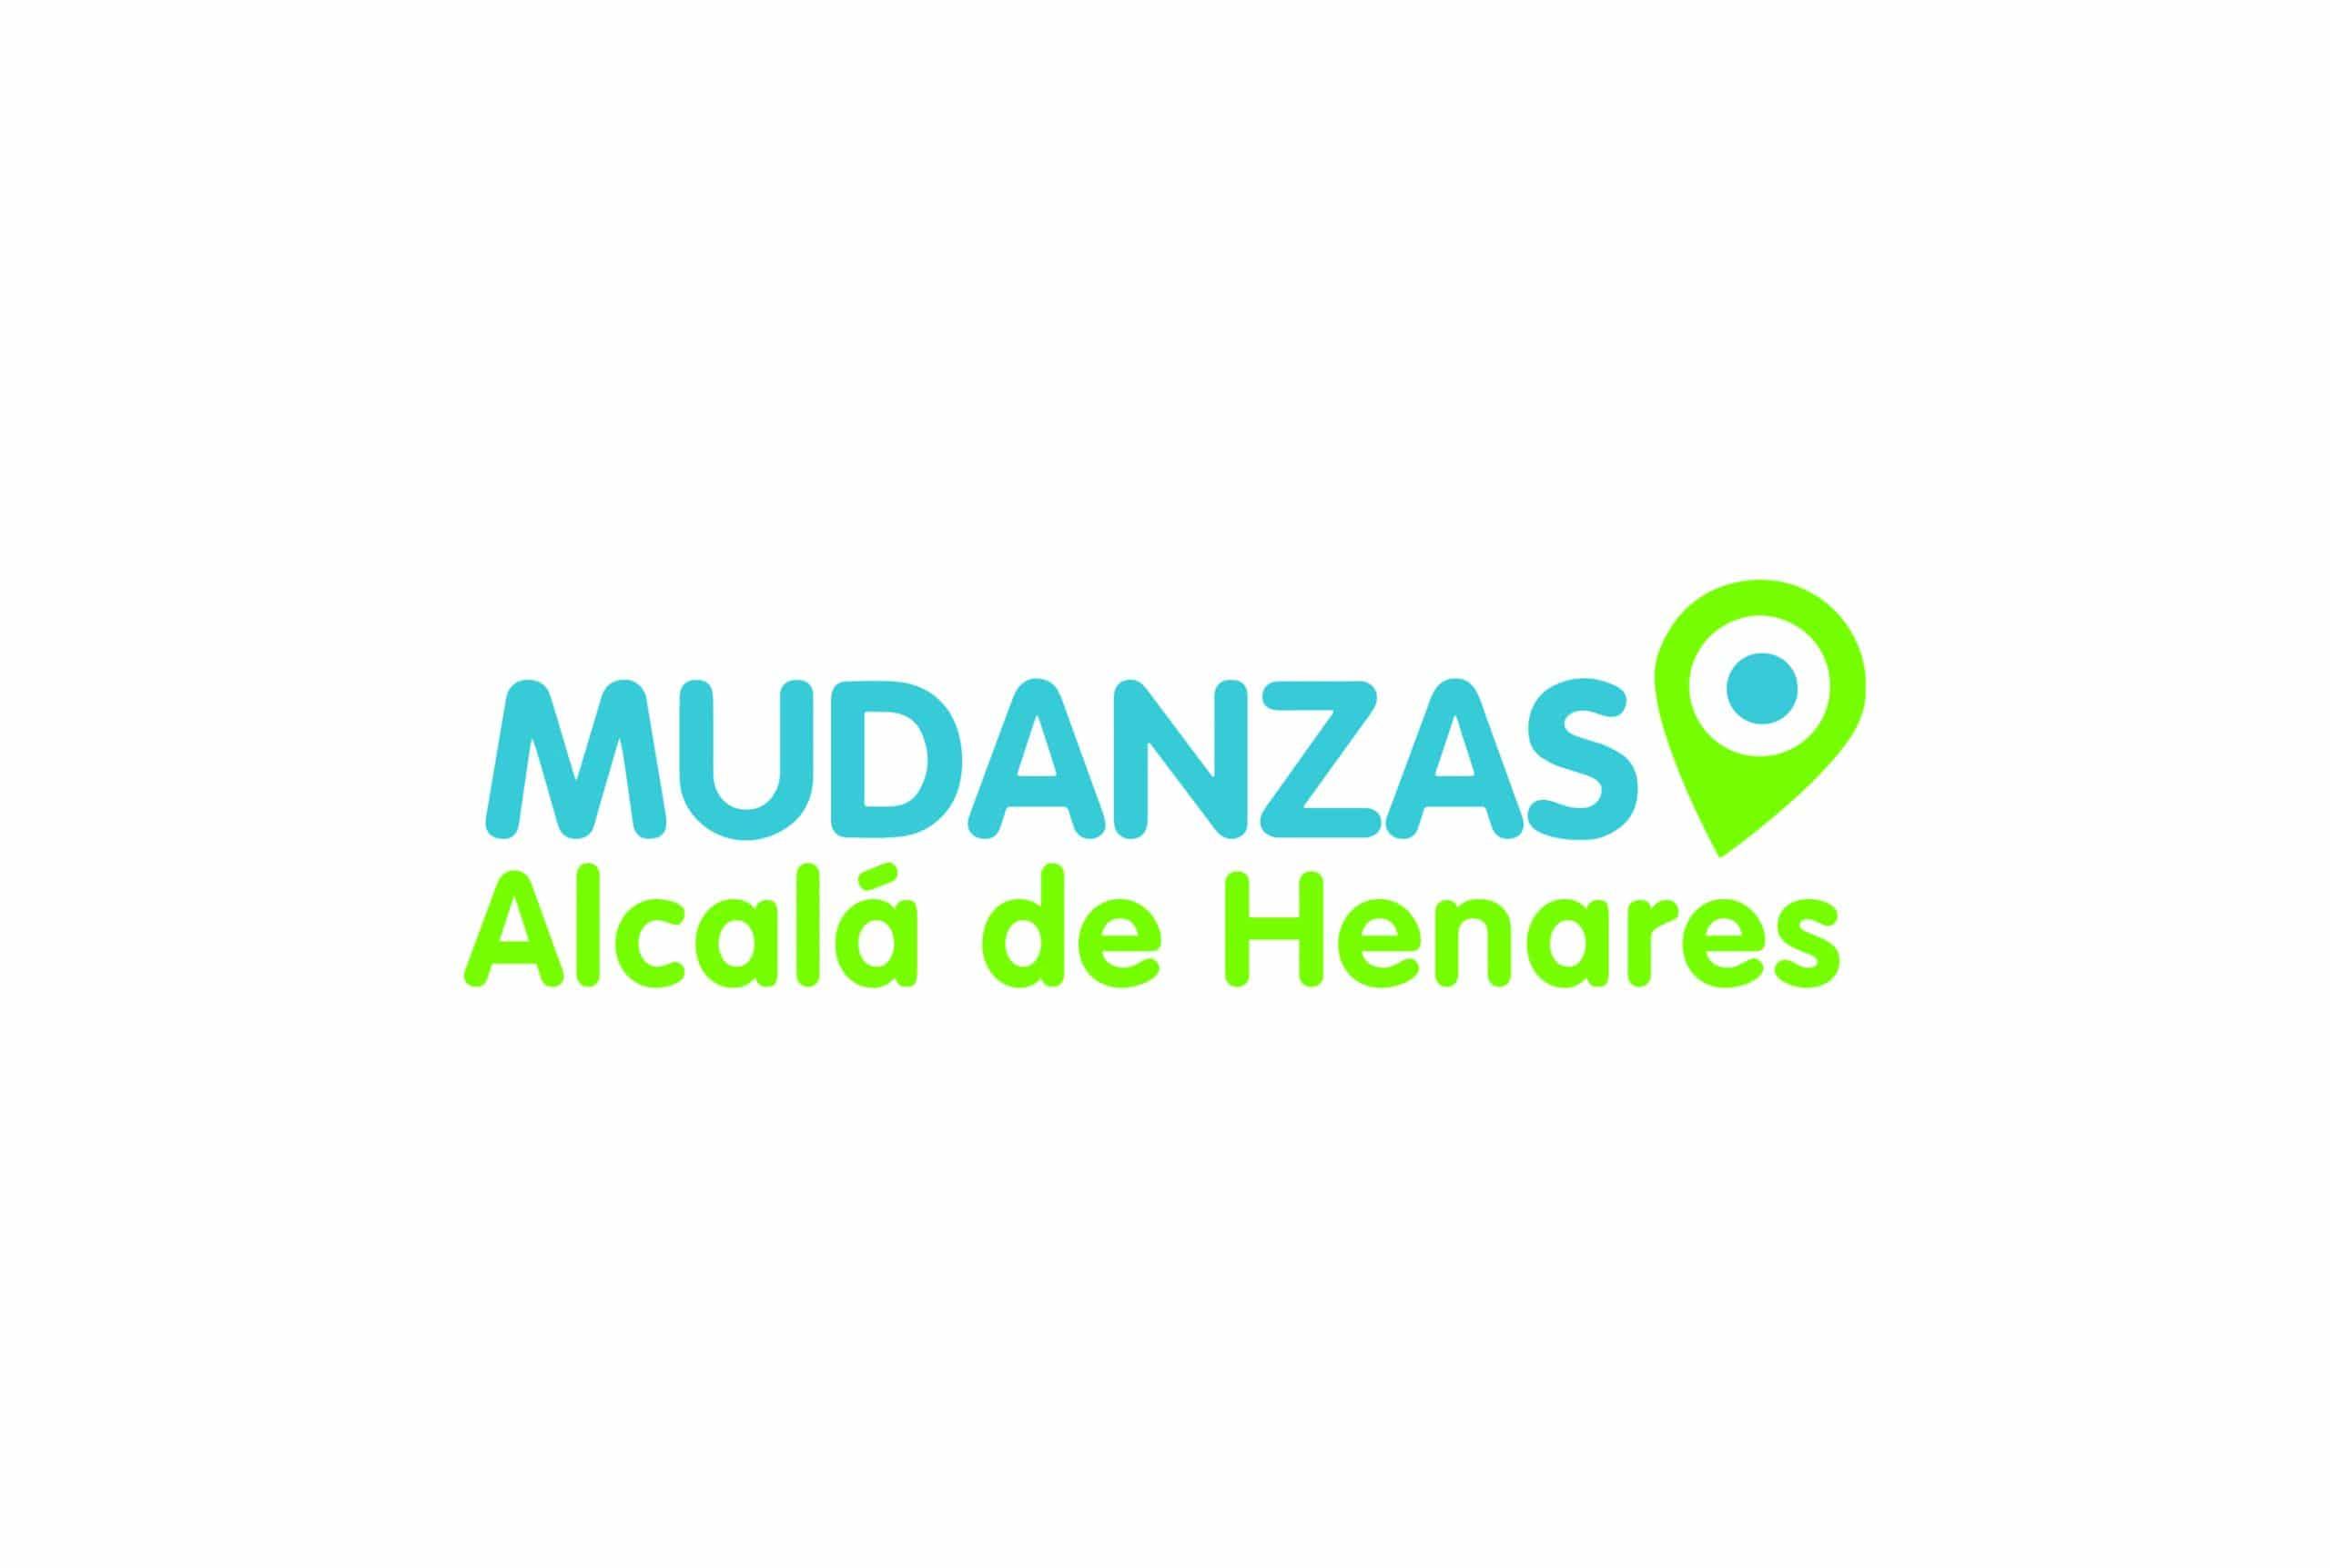 Mudanzas en Alcalá de Henares y guardamuebles